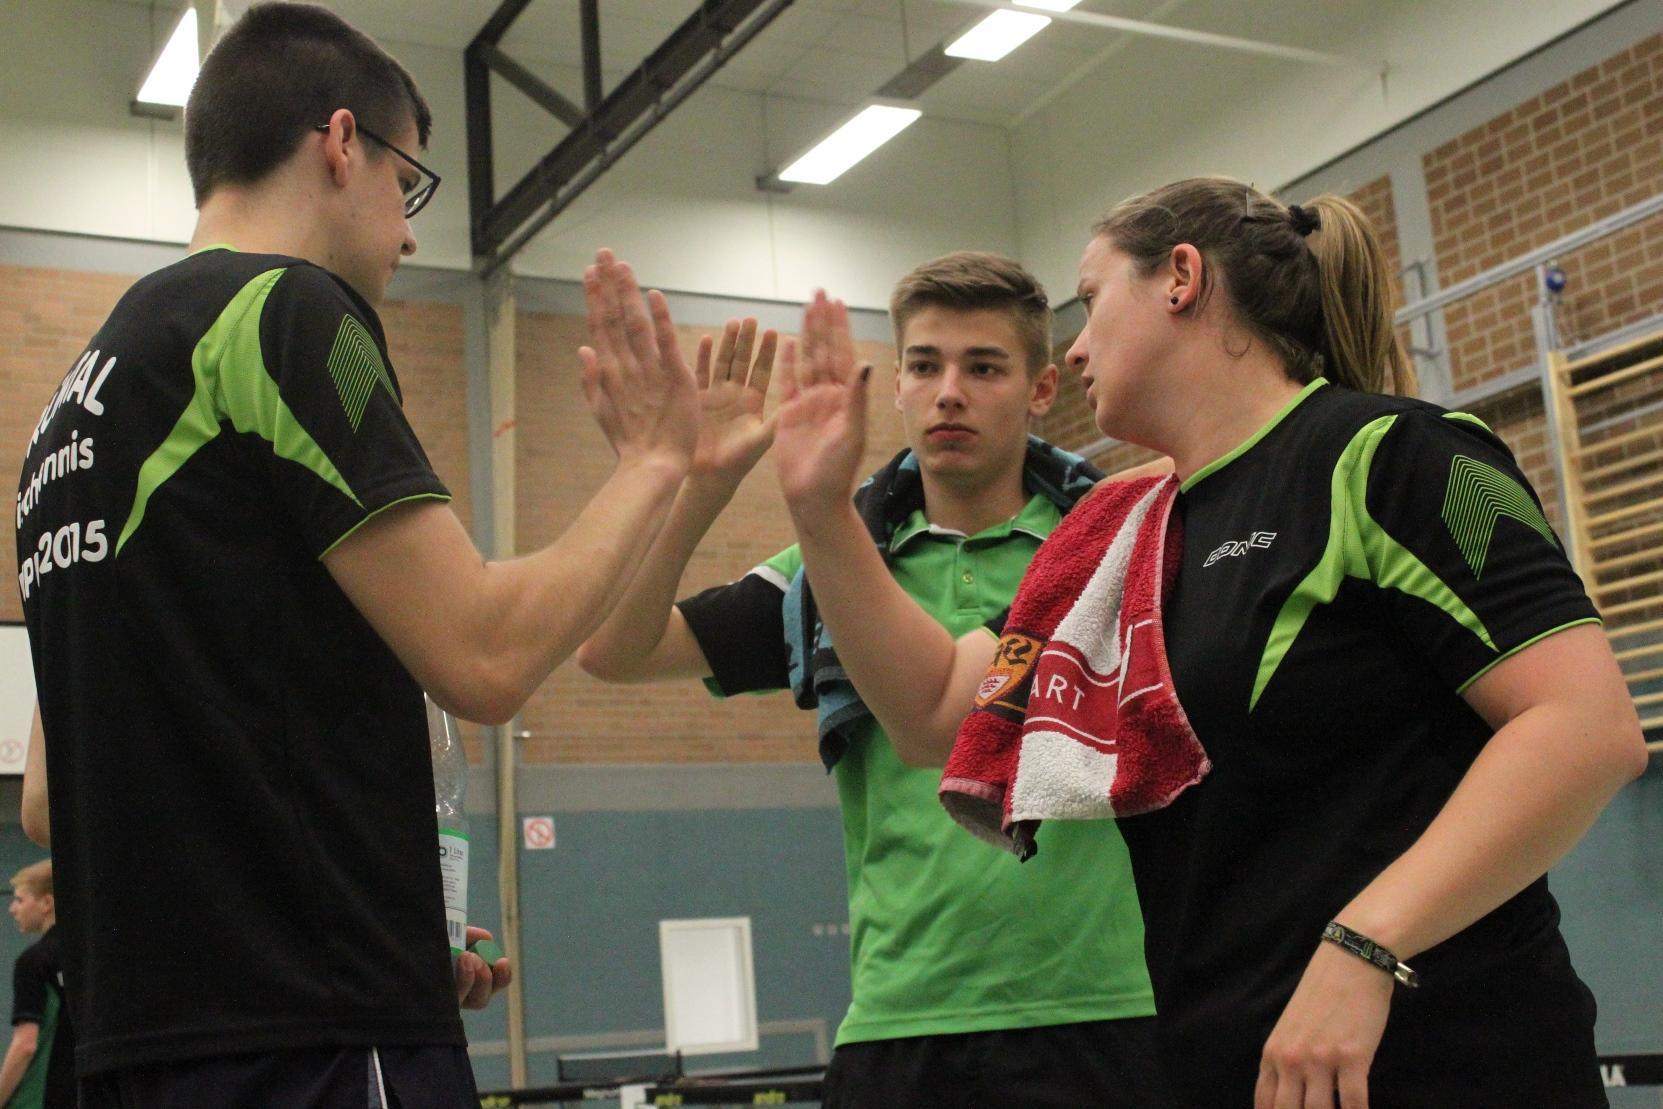 Fabian coacht Fabio und Shpresa